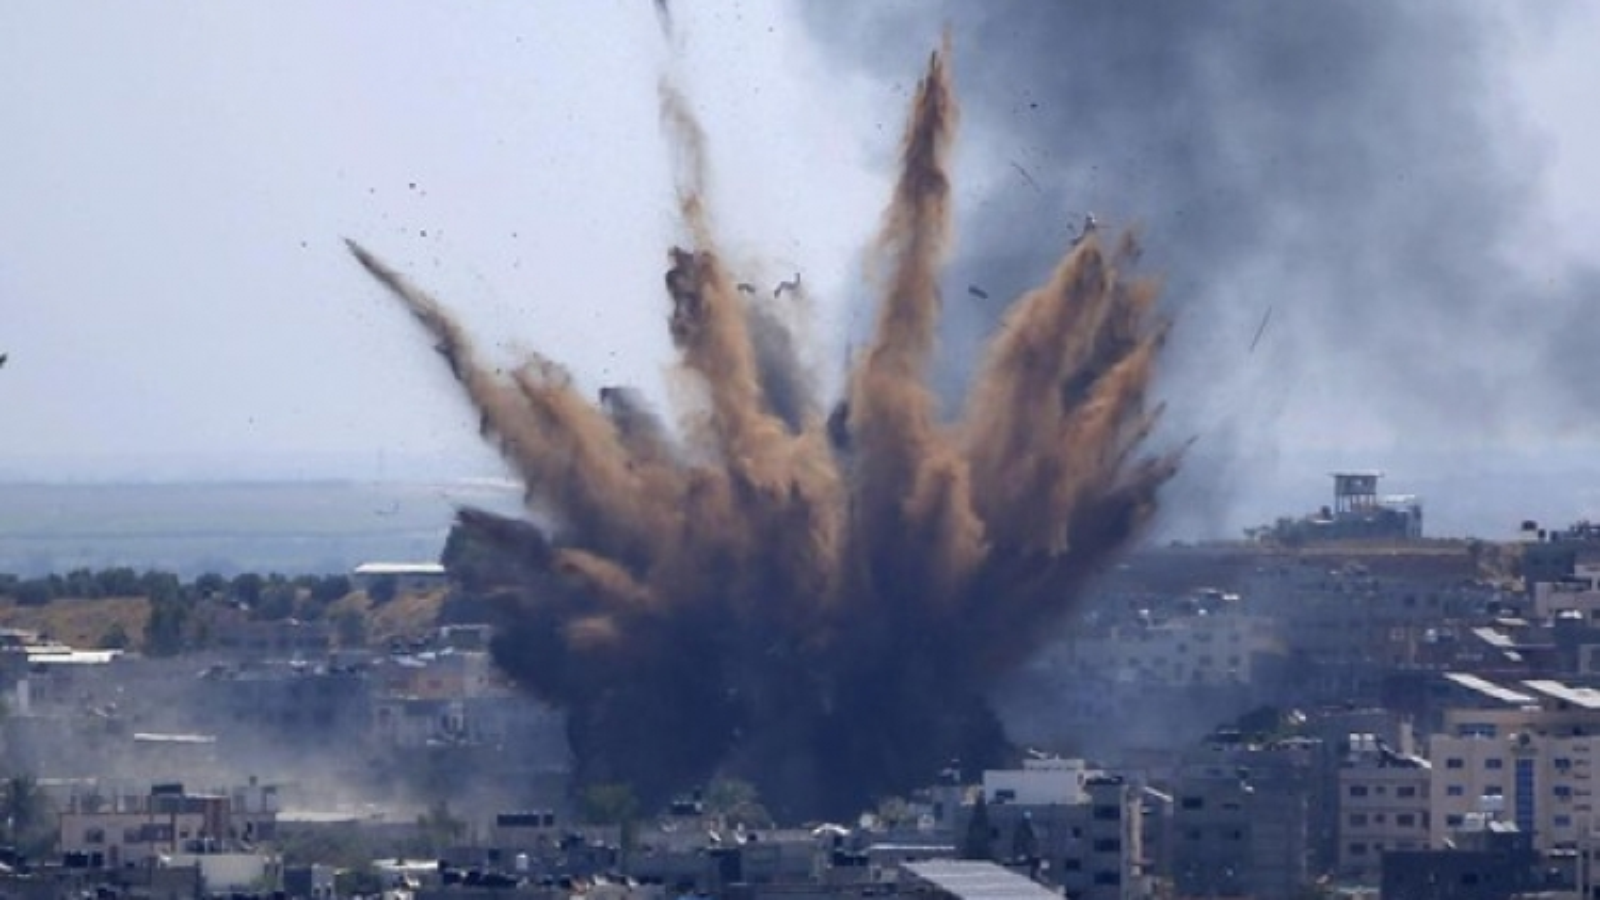 Đức ủng hộ Israel, yêu cầu Hamas lập tức chấm dứt pháo kích